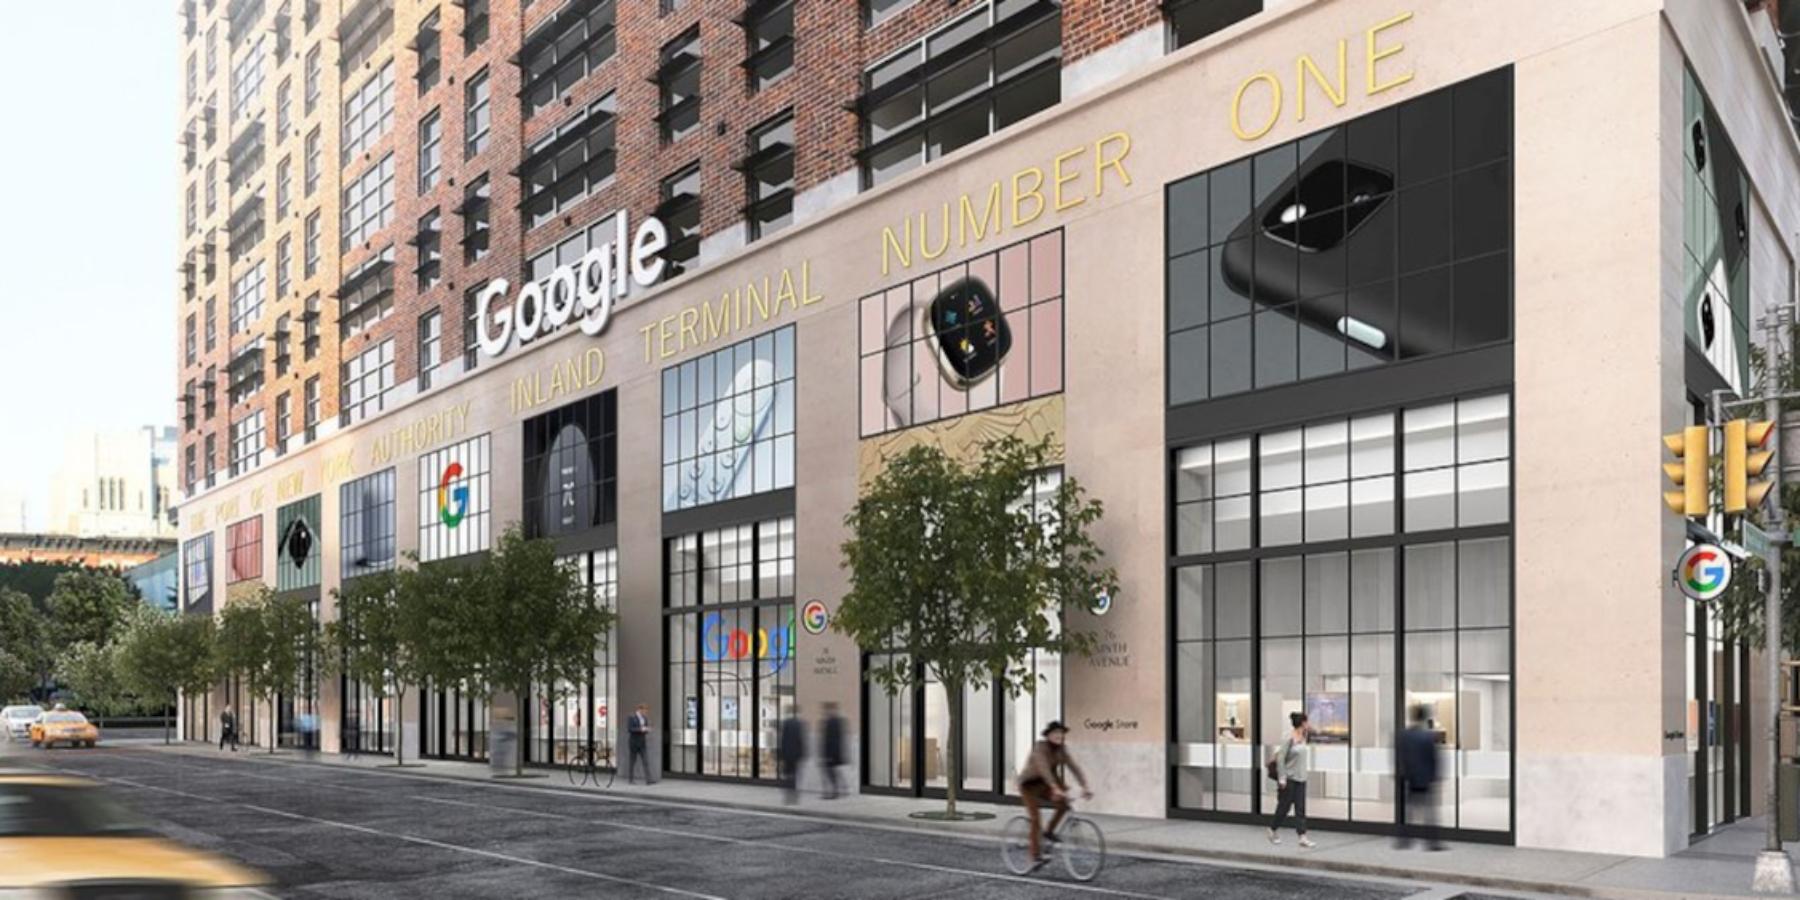 Google otwiera pierwszy sklep stacjonarny. Klienci będą mogli testować produkty iusługi giganta